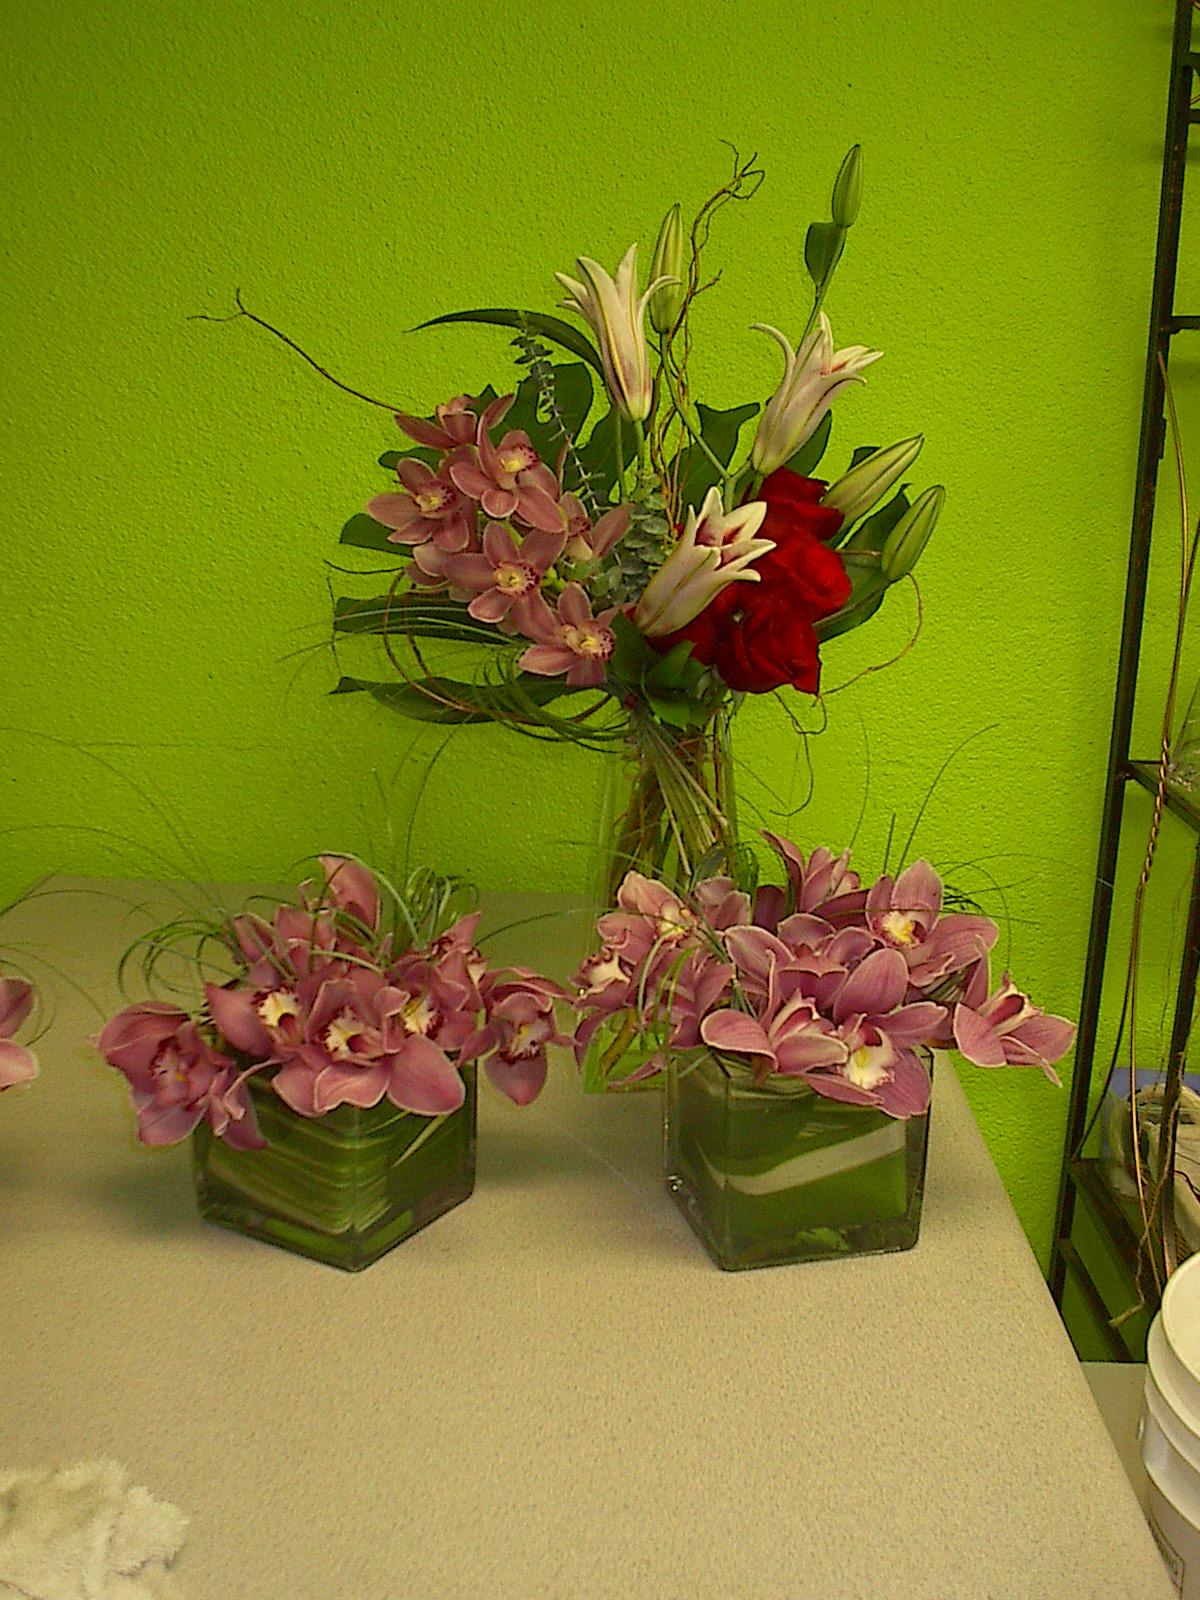 Las Vegas Flowers Premier Event Florists Springtime In